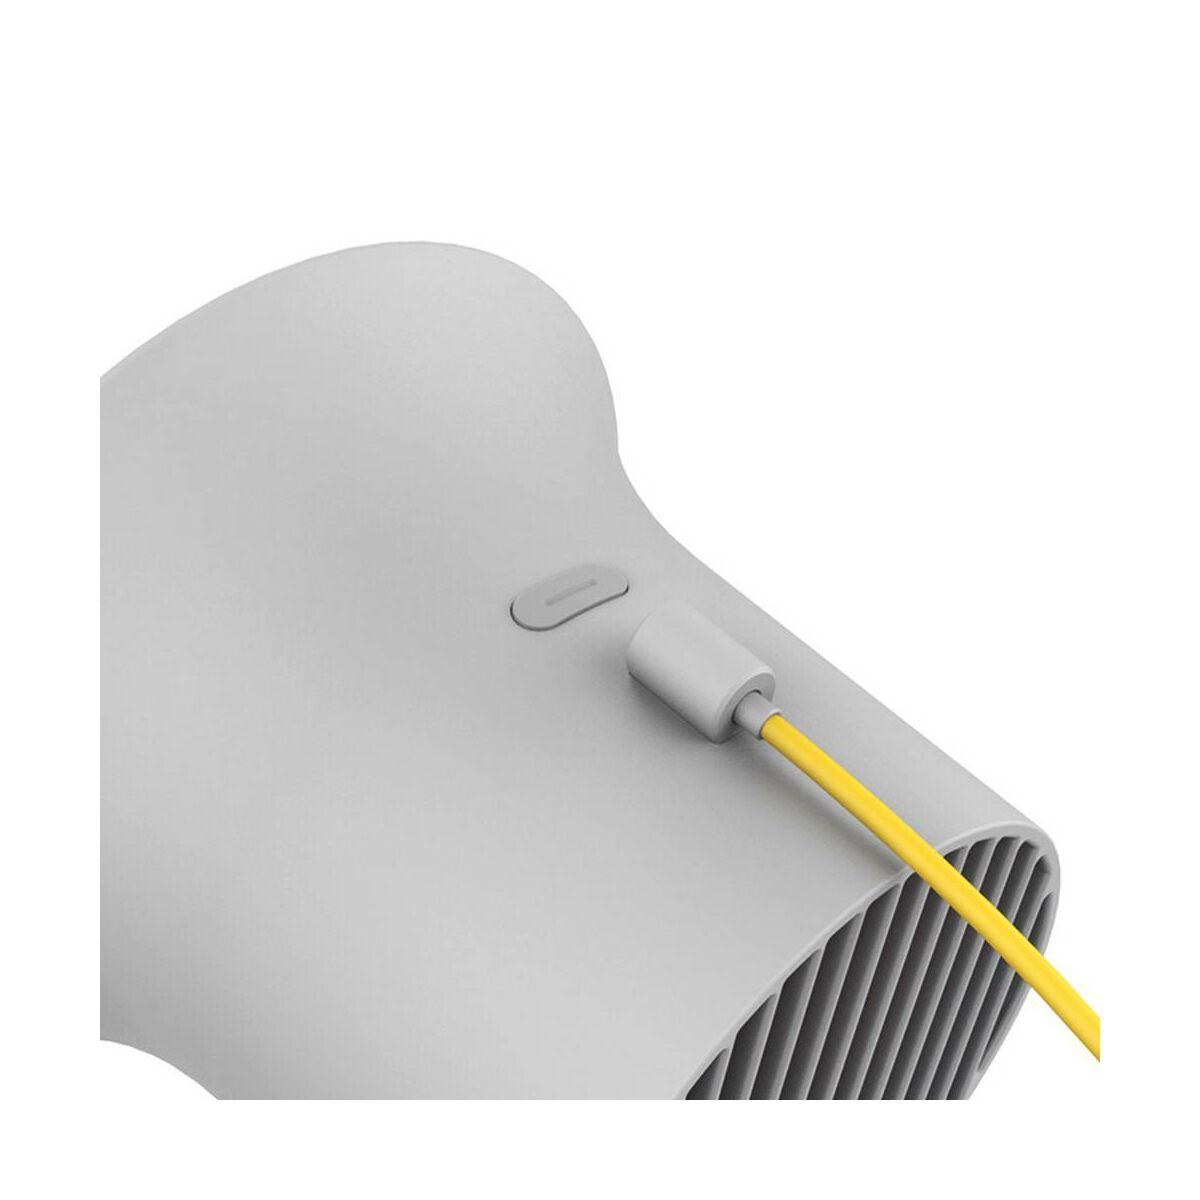 Baseus otthon, Small Horn asztali ventilátor, szürke (CXLB-0G)